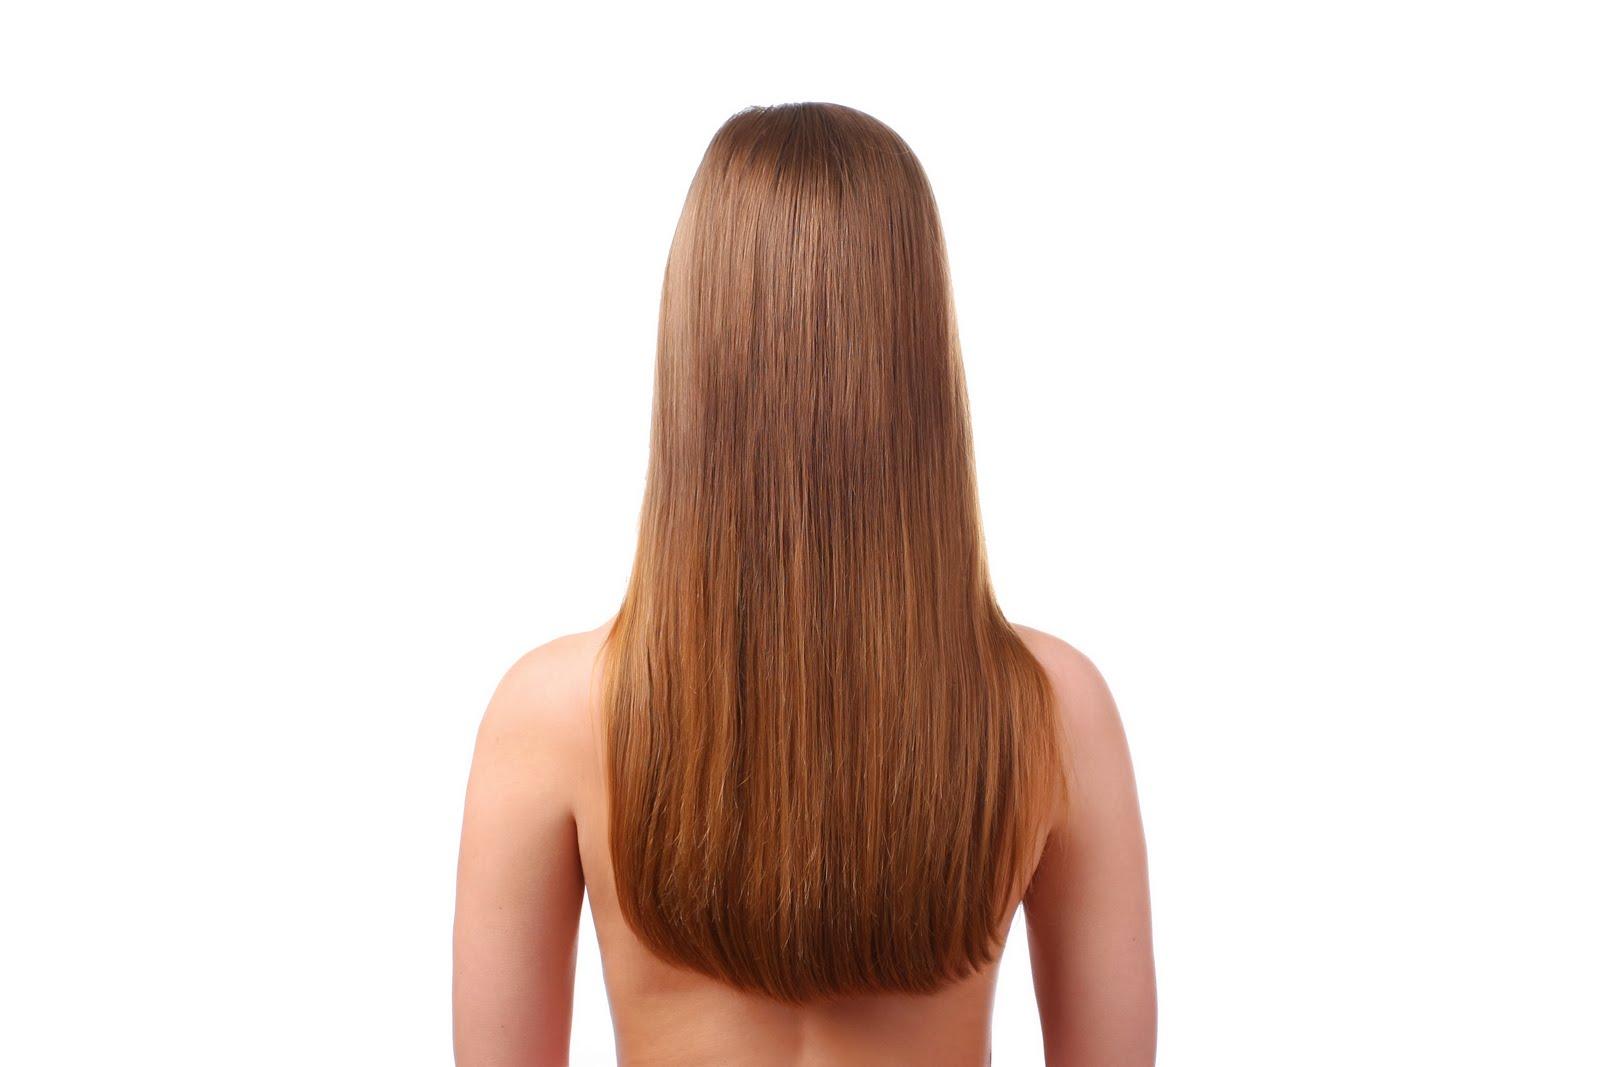 Lait de coco pousse cheveux frises